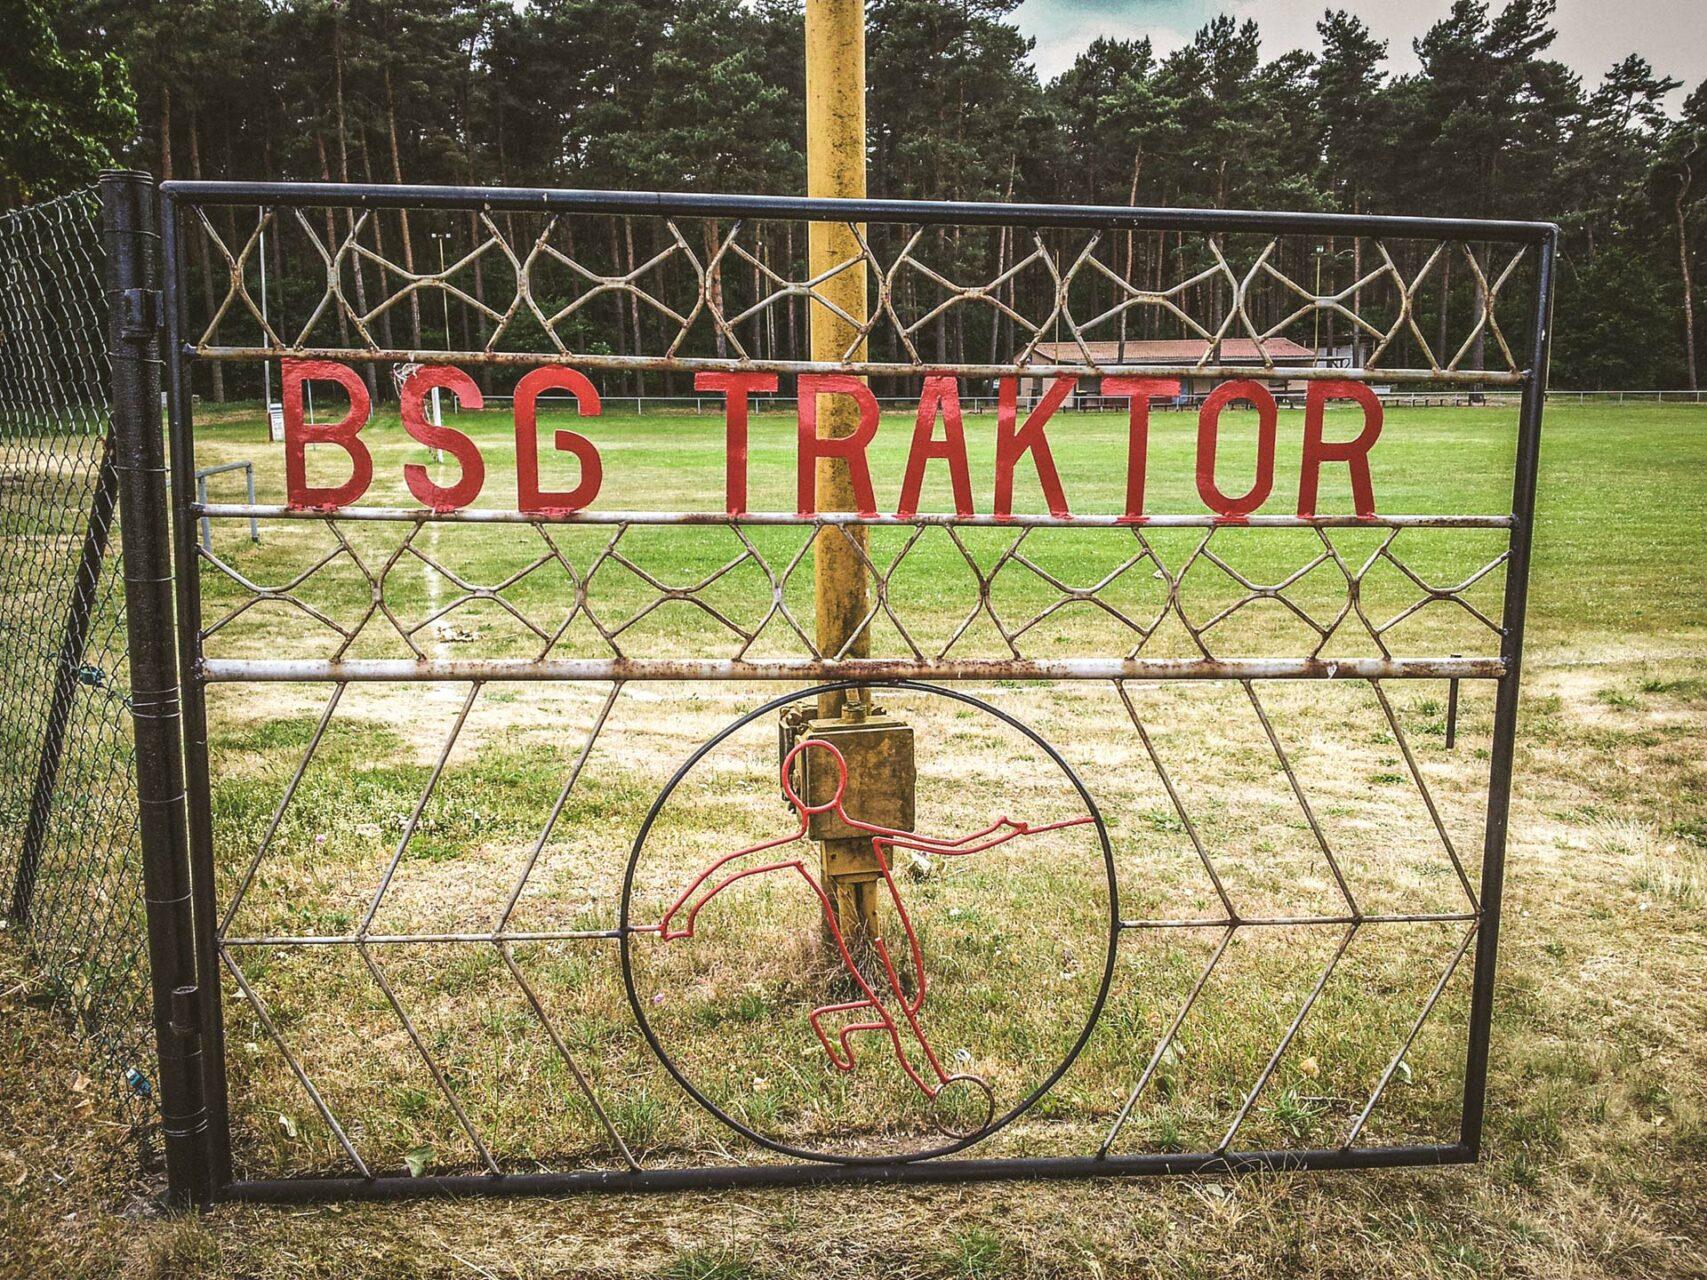 Die ganze Tradition Uetzer Sportkultur ist hier zu bewundern. Und das bei gerade mal 200 Einwohnern. Nicht schlecht.